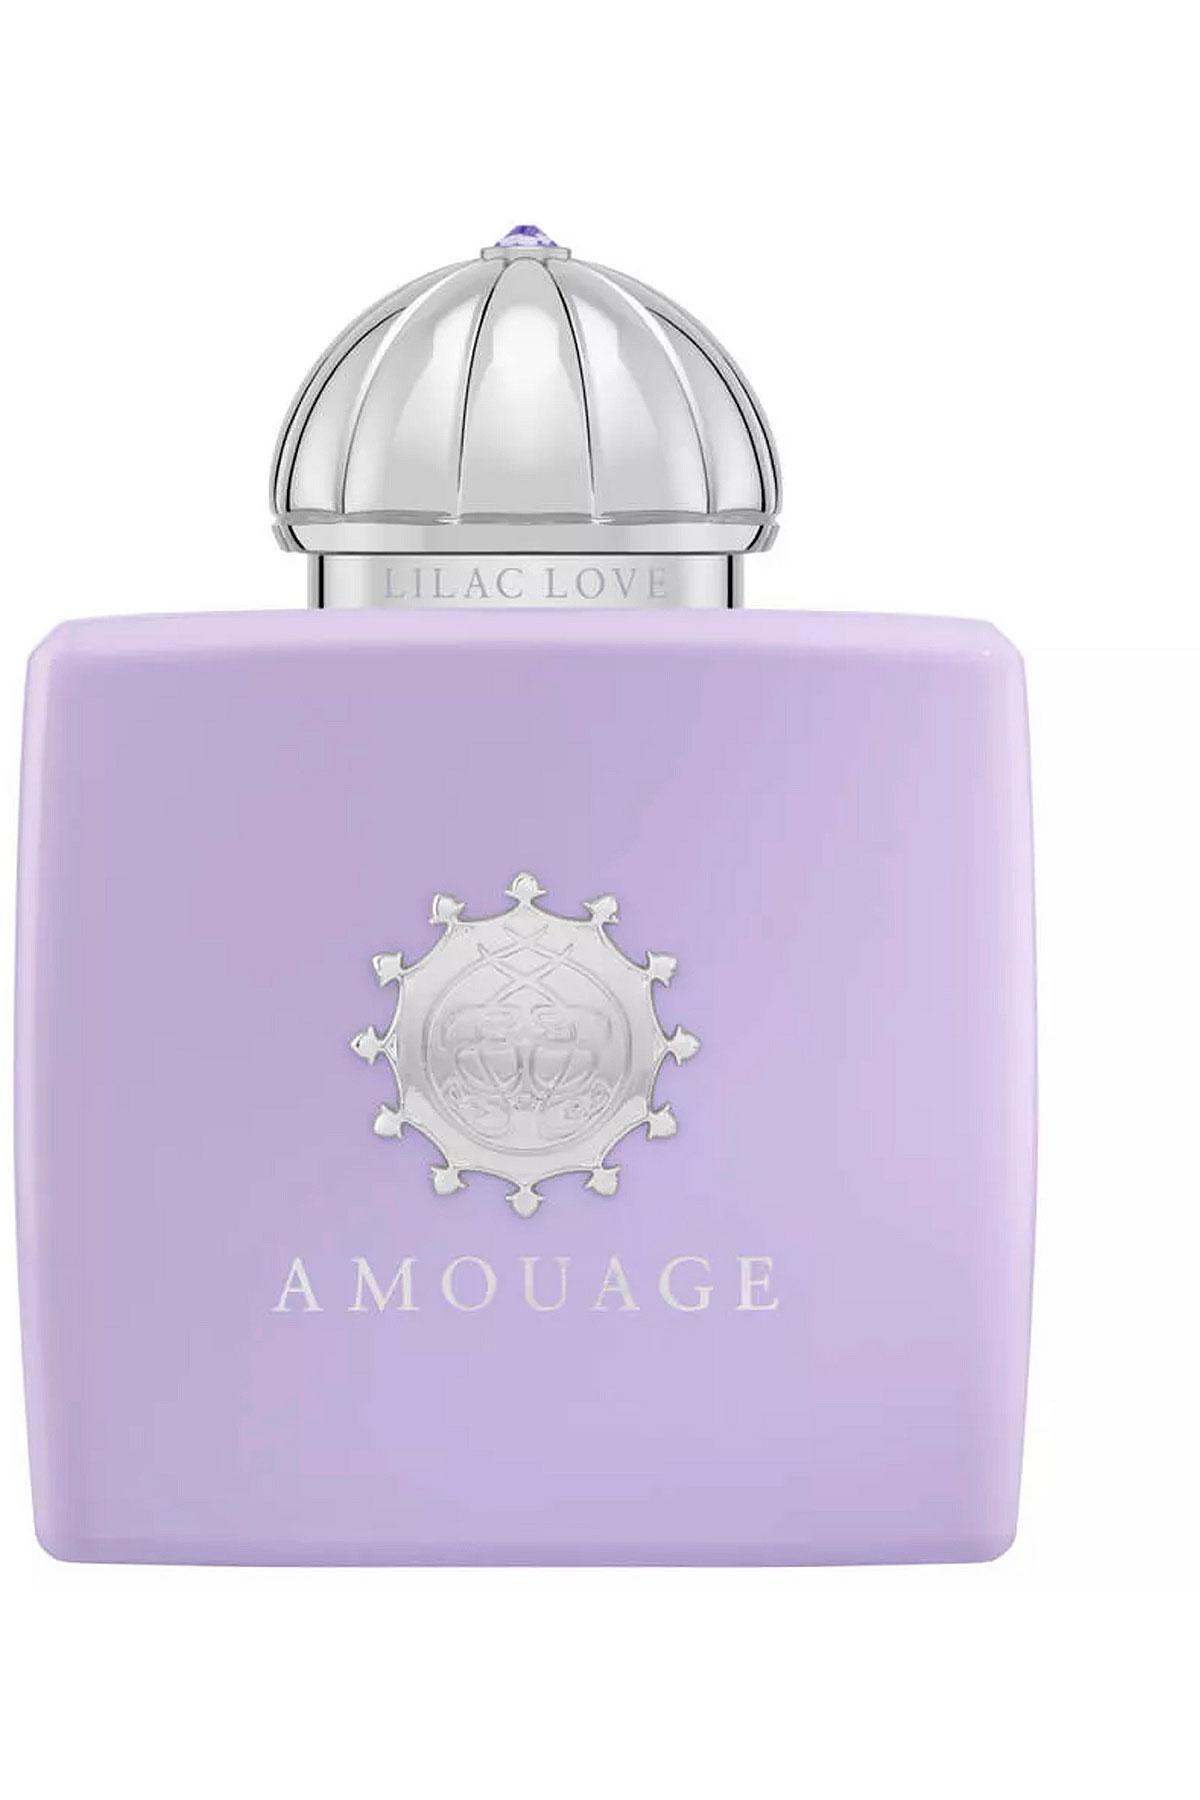 Amouage Fragrances for Women, Lilac Love - Eau De Parfum - 100 Ml, 2019, 100 ml